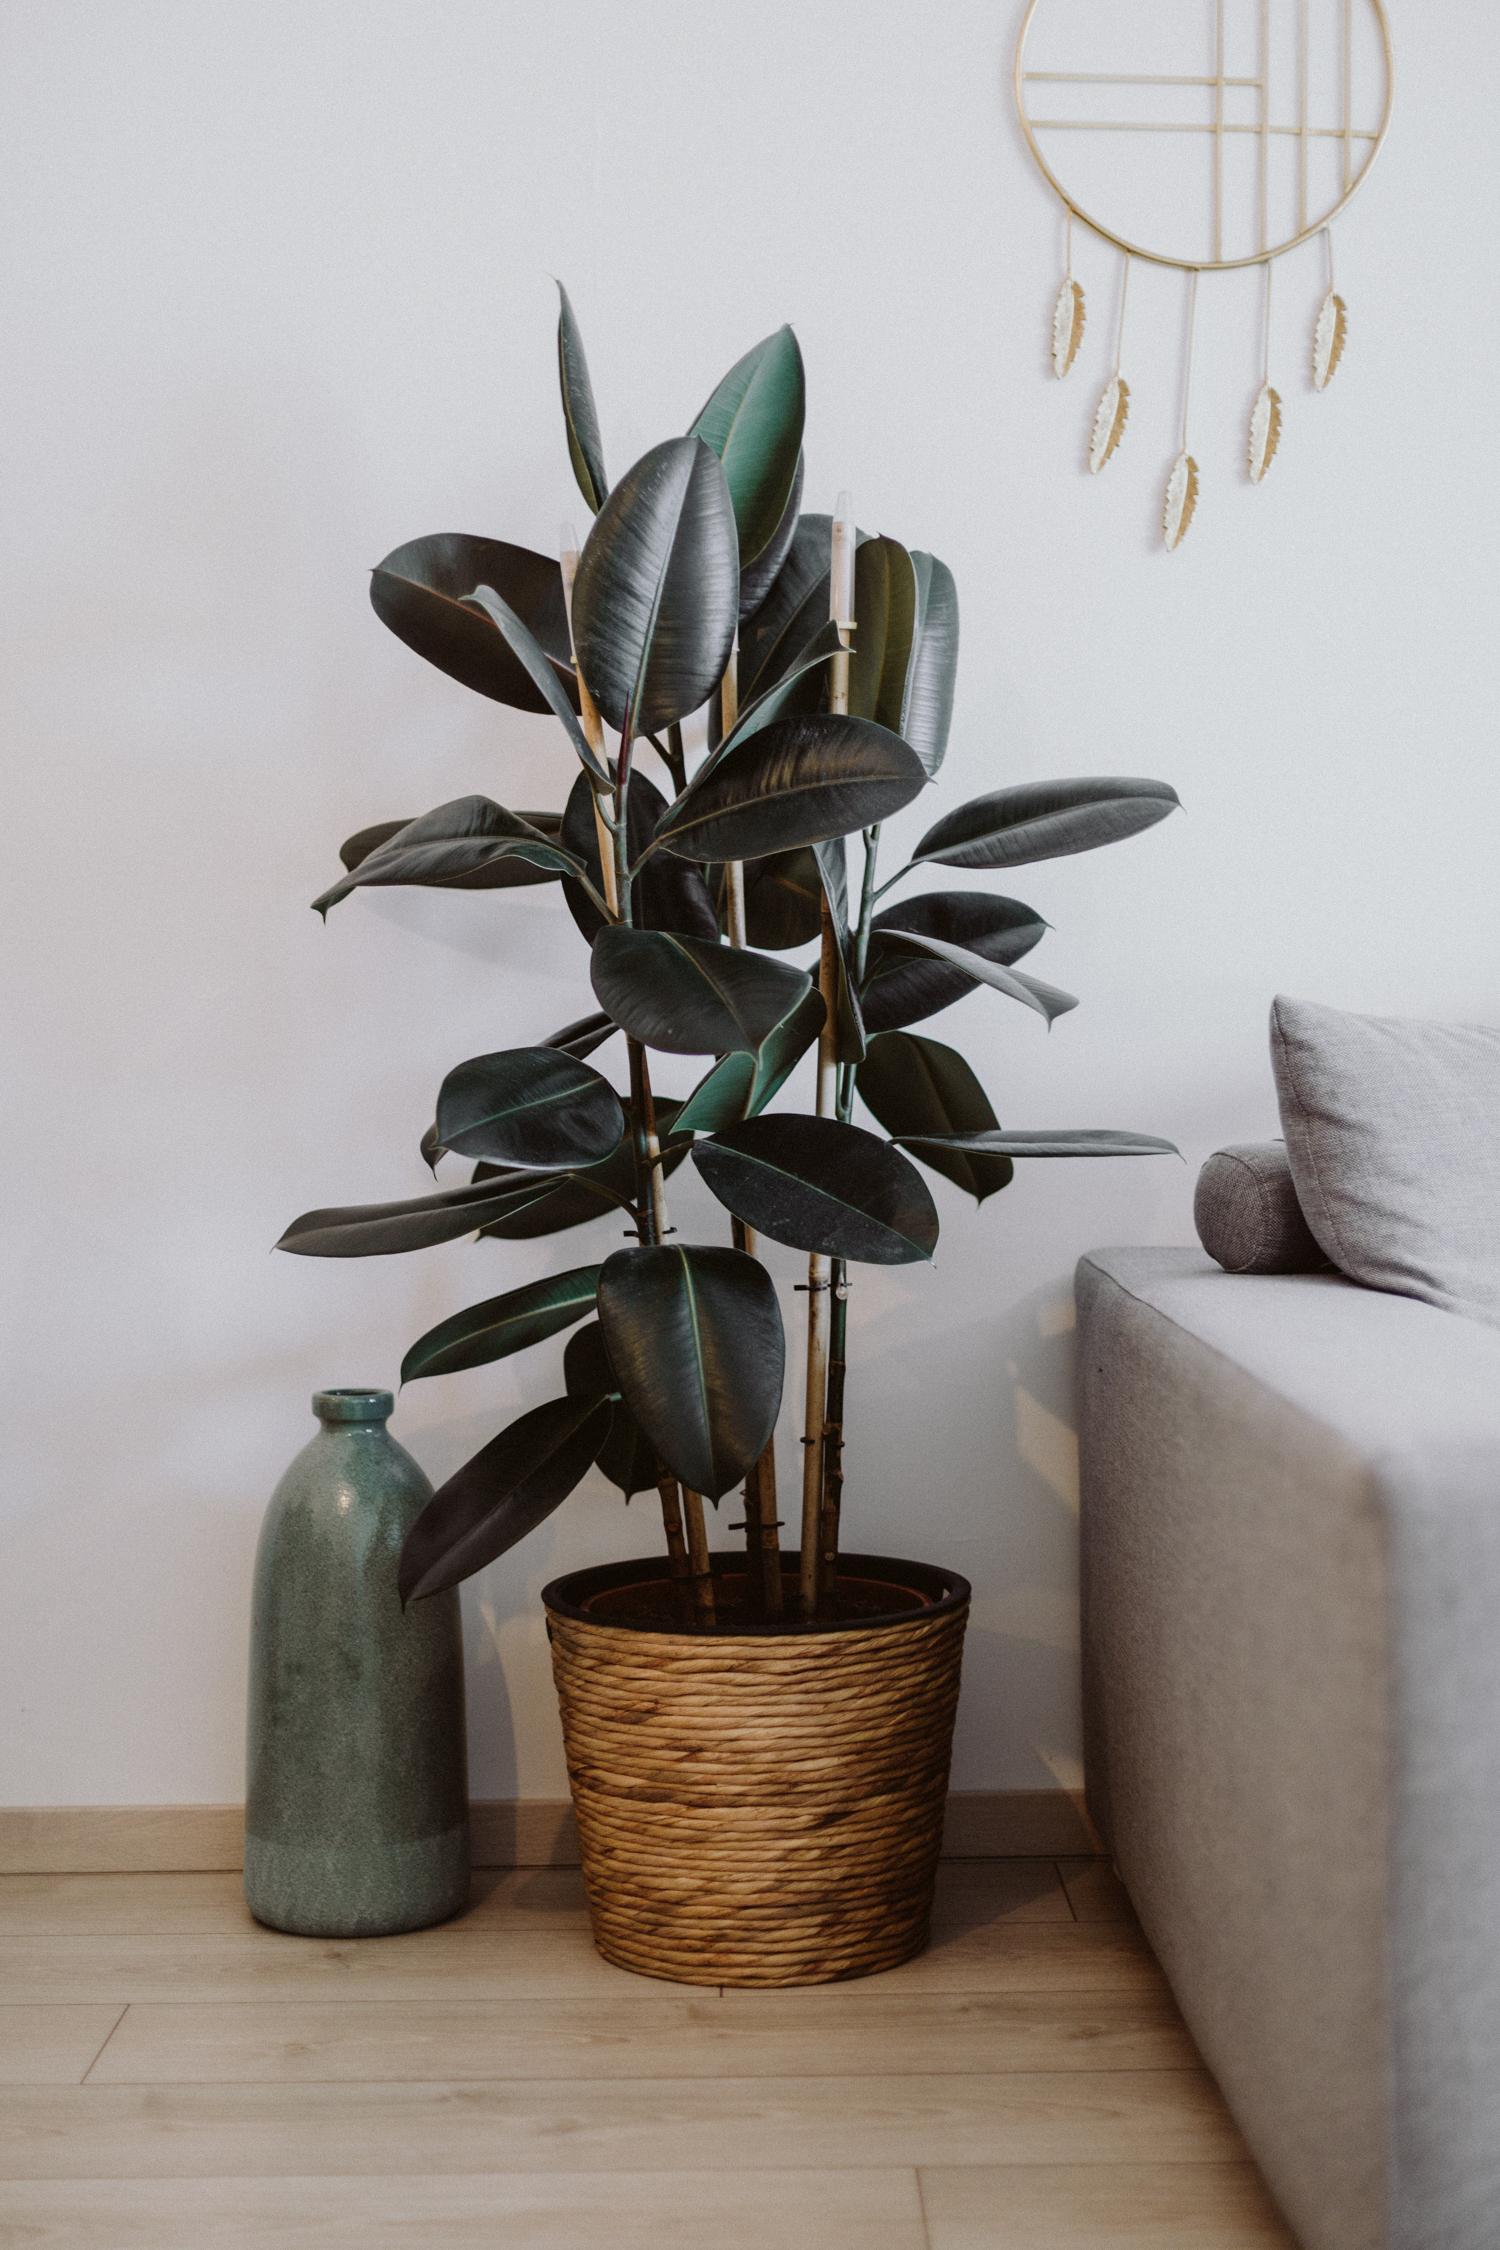 die besten pflanzen f r die wohnung love daily dose. Black Bedroom Furniture Sets. Home Design Ideas